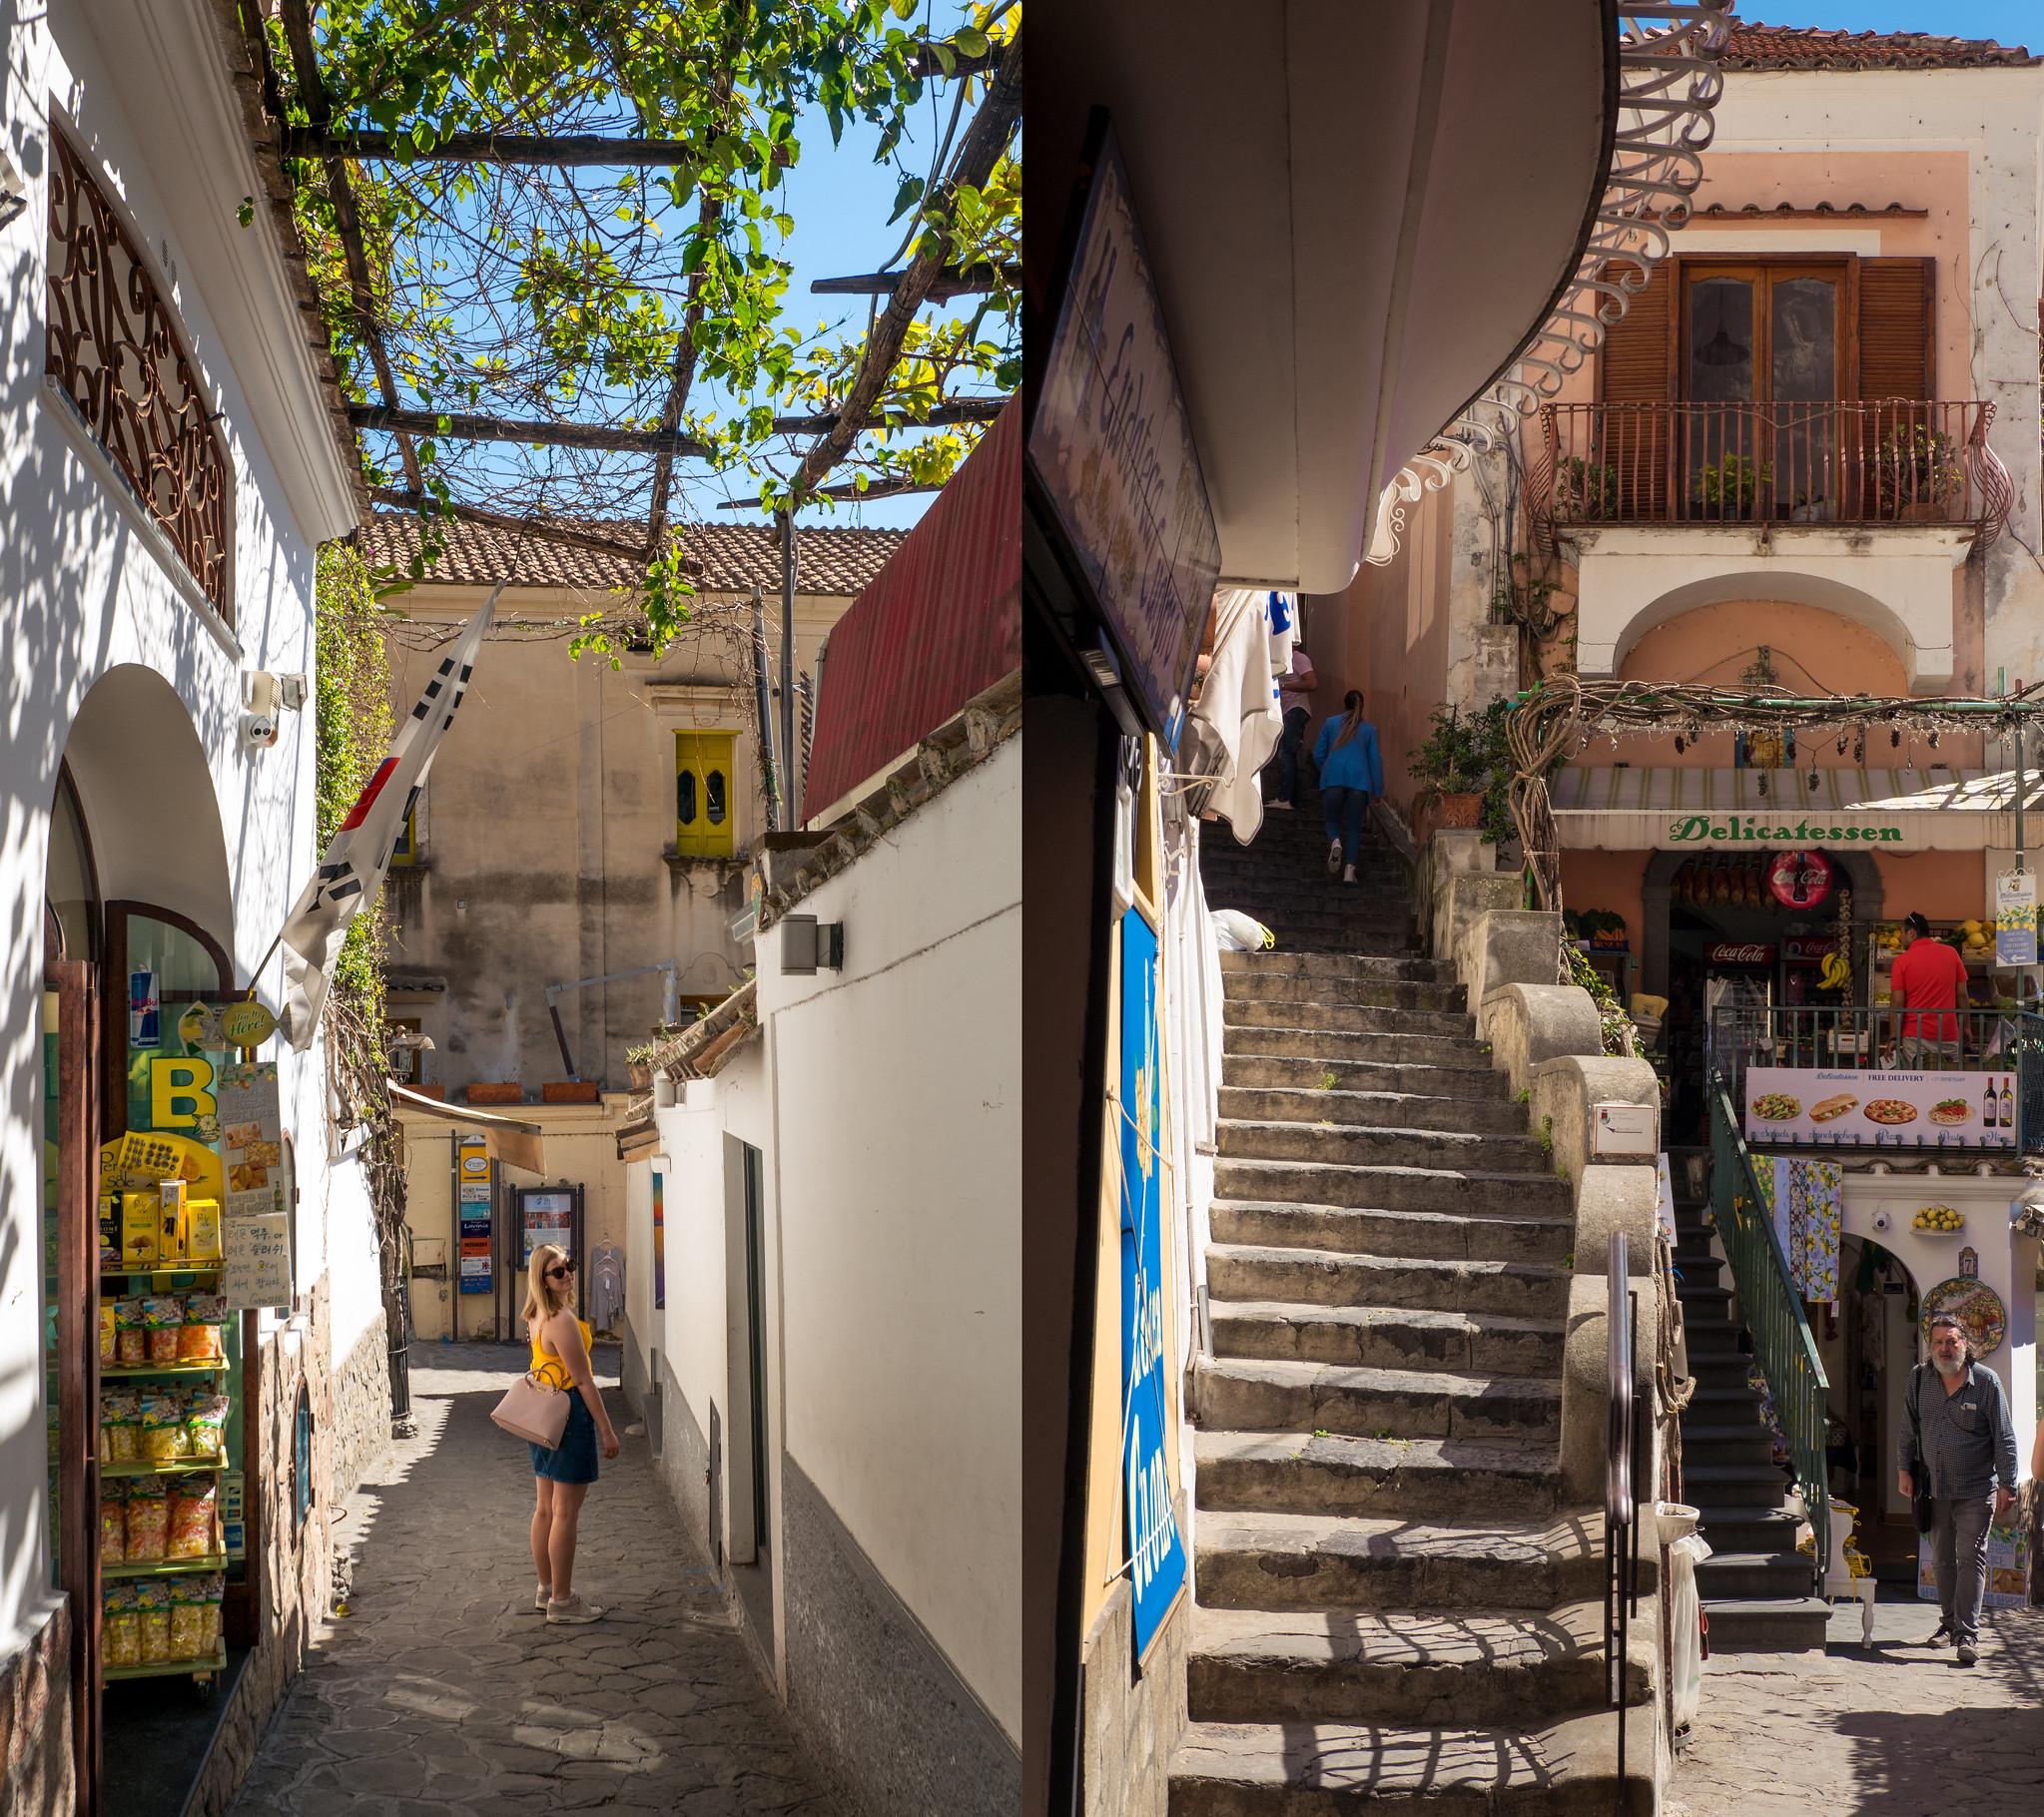 Positano streets